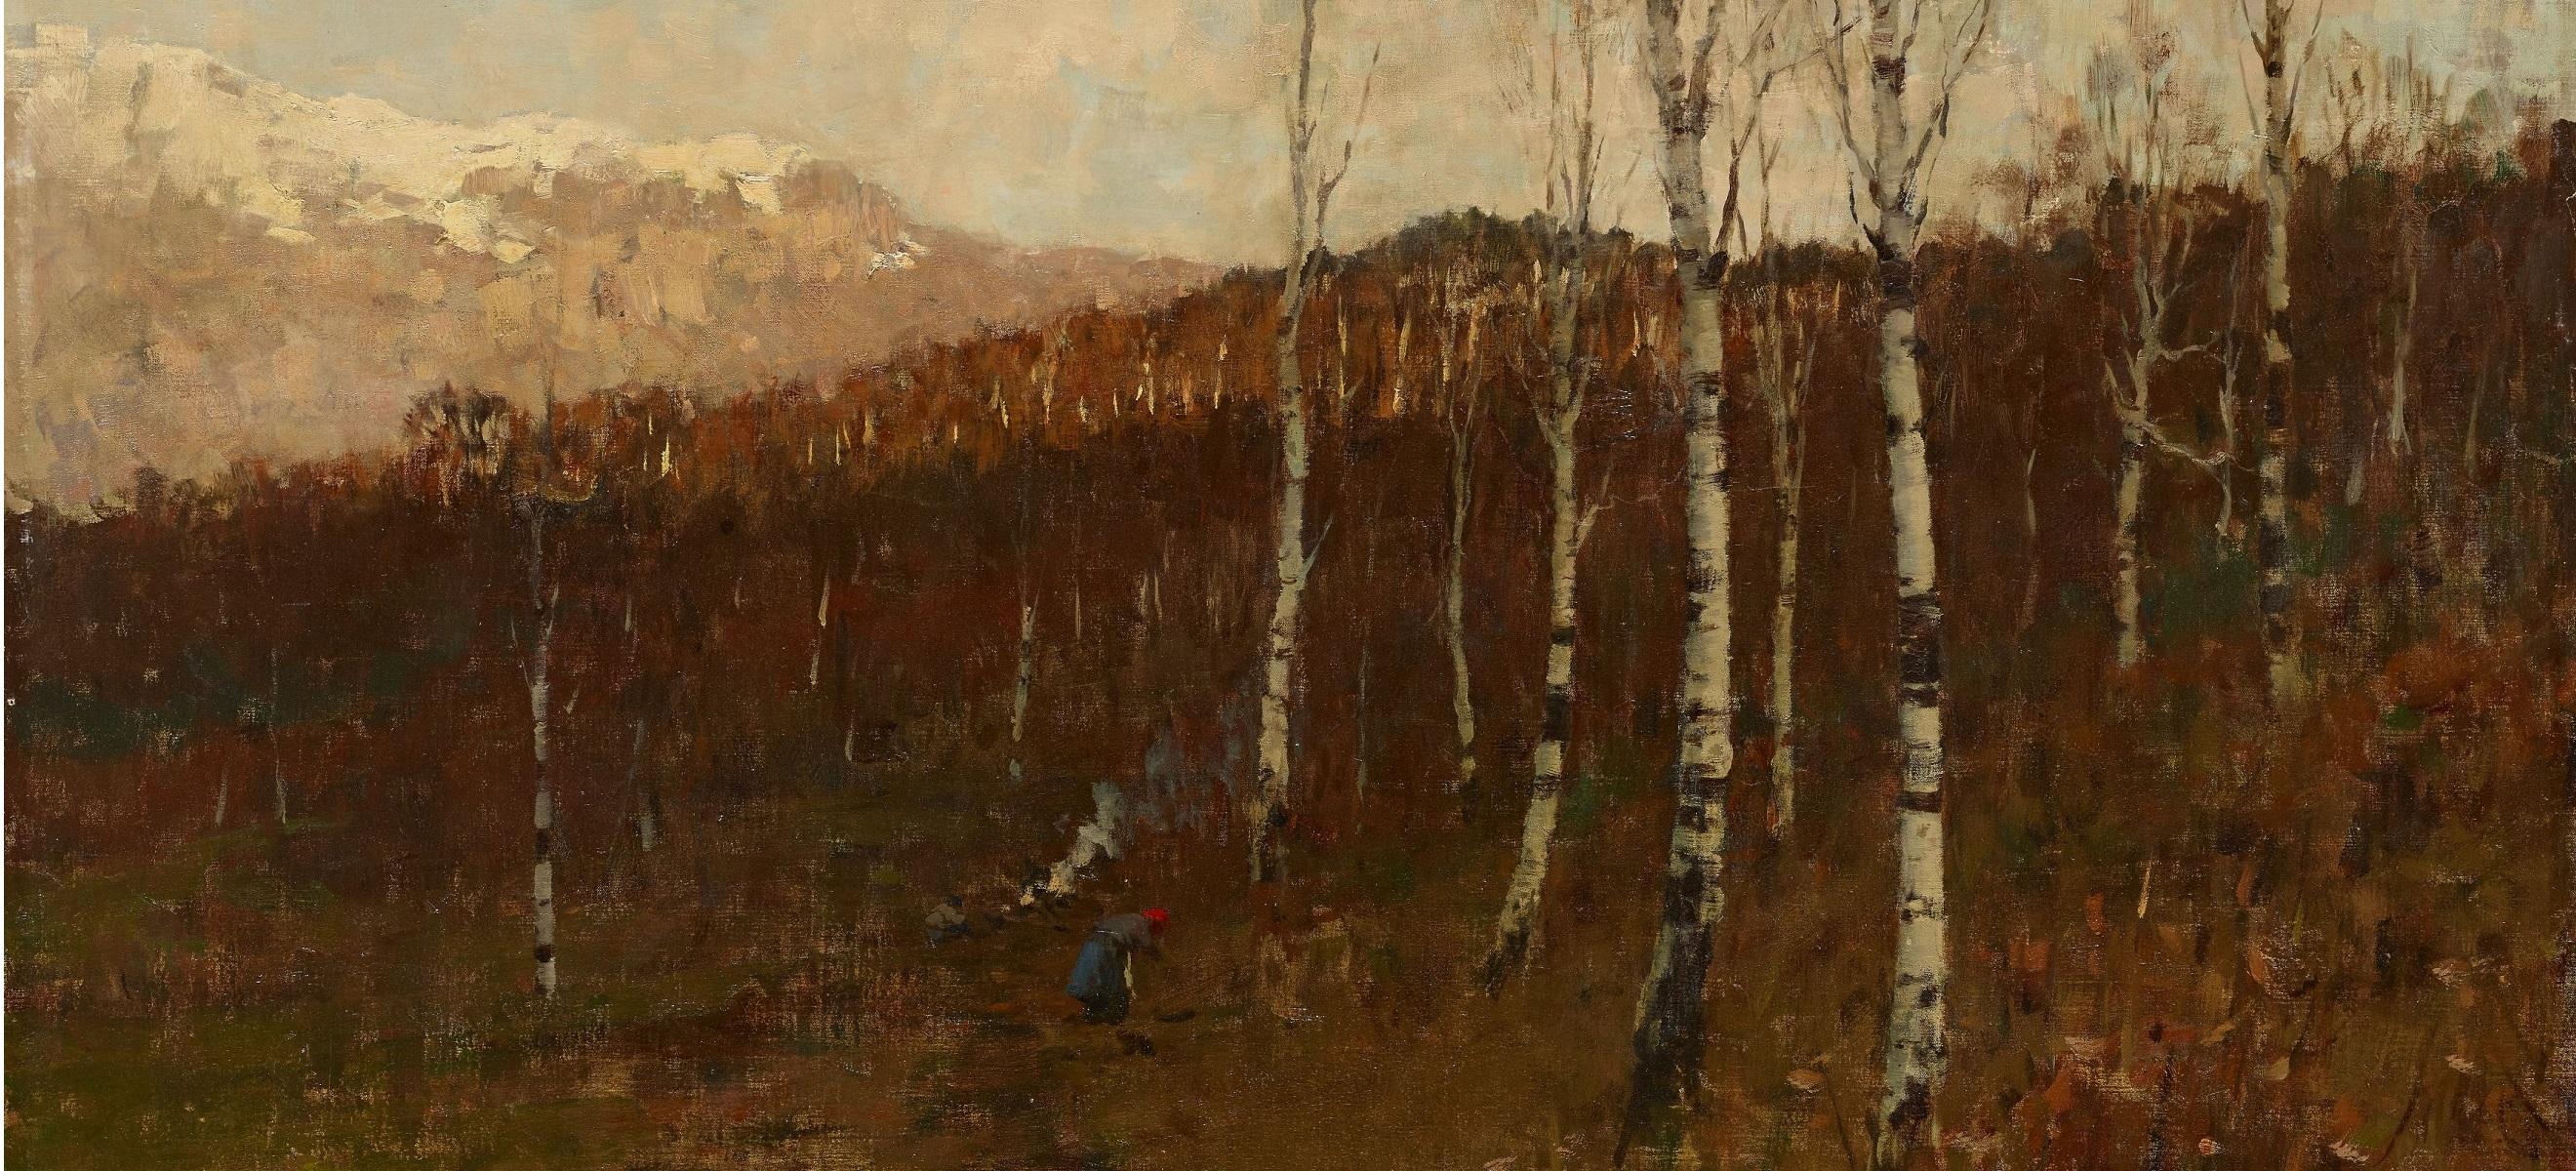 Bartolomeo-Bezzi-Bosco-ceduo-Bosco-di-betulle-1886-olio-su-tela-71-x-1005-cm-Rovereto-Mart-Comune-di-Trento